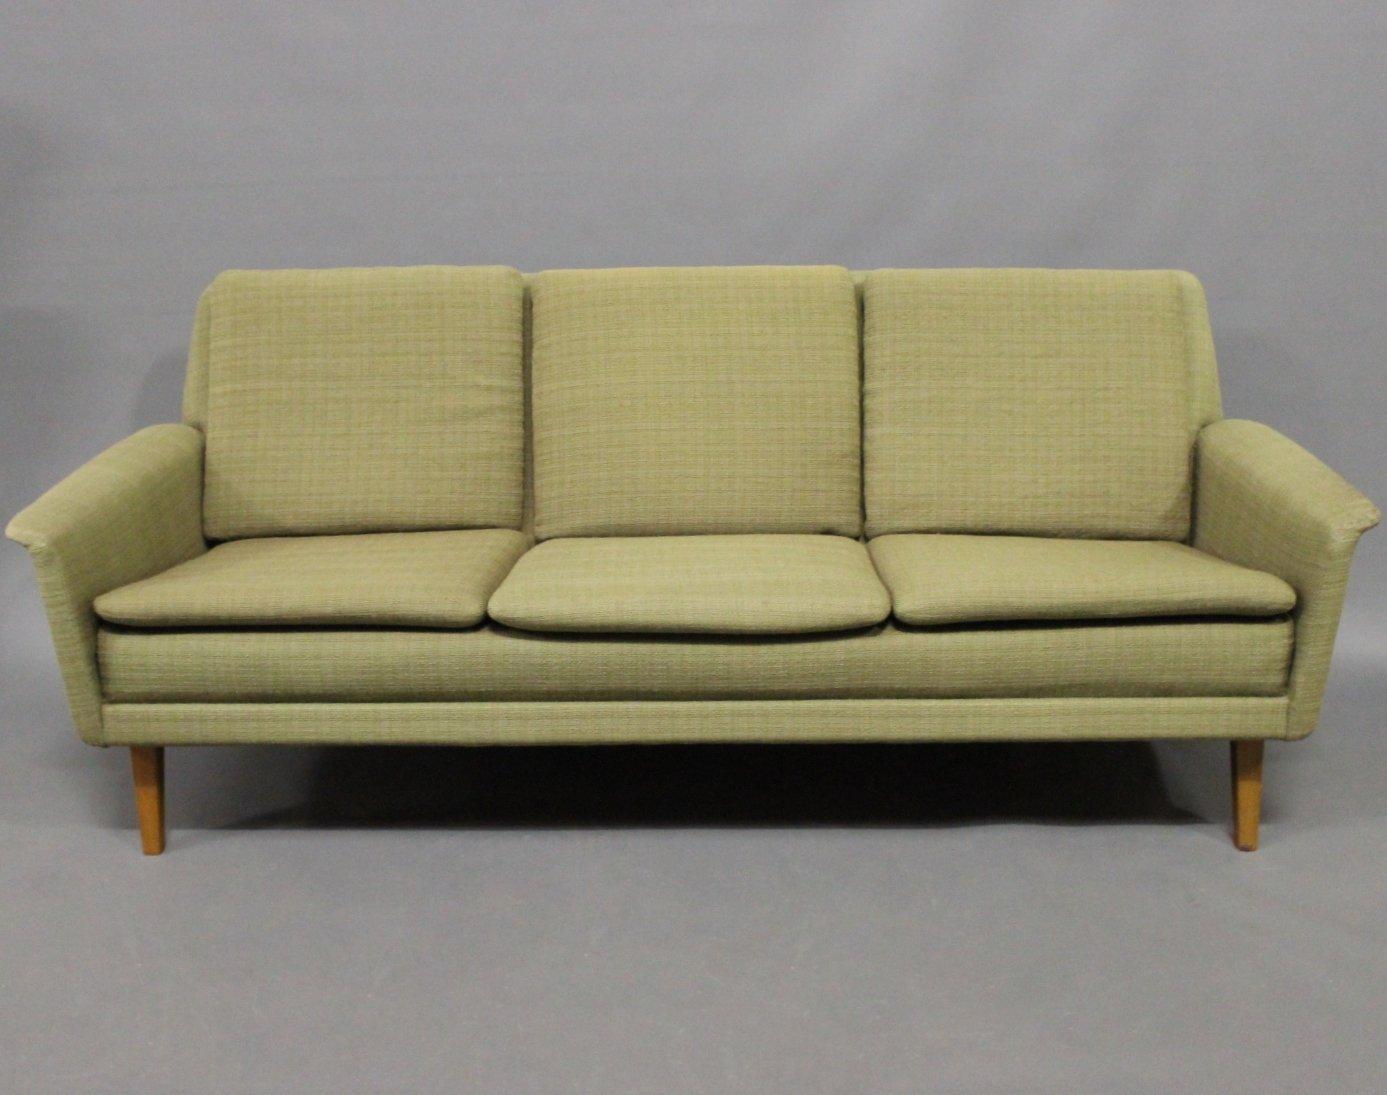 3 sitzer dux sofa von folke ohlsson f r fritz hansen 1960er bei pamono kaufen. Black Bedroom Furniture Sets. Home Design Ideas